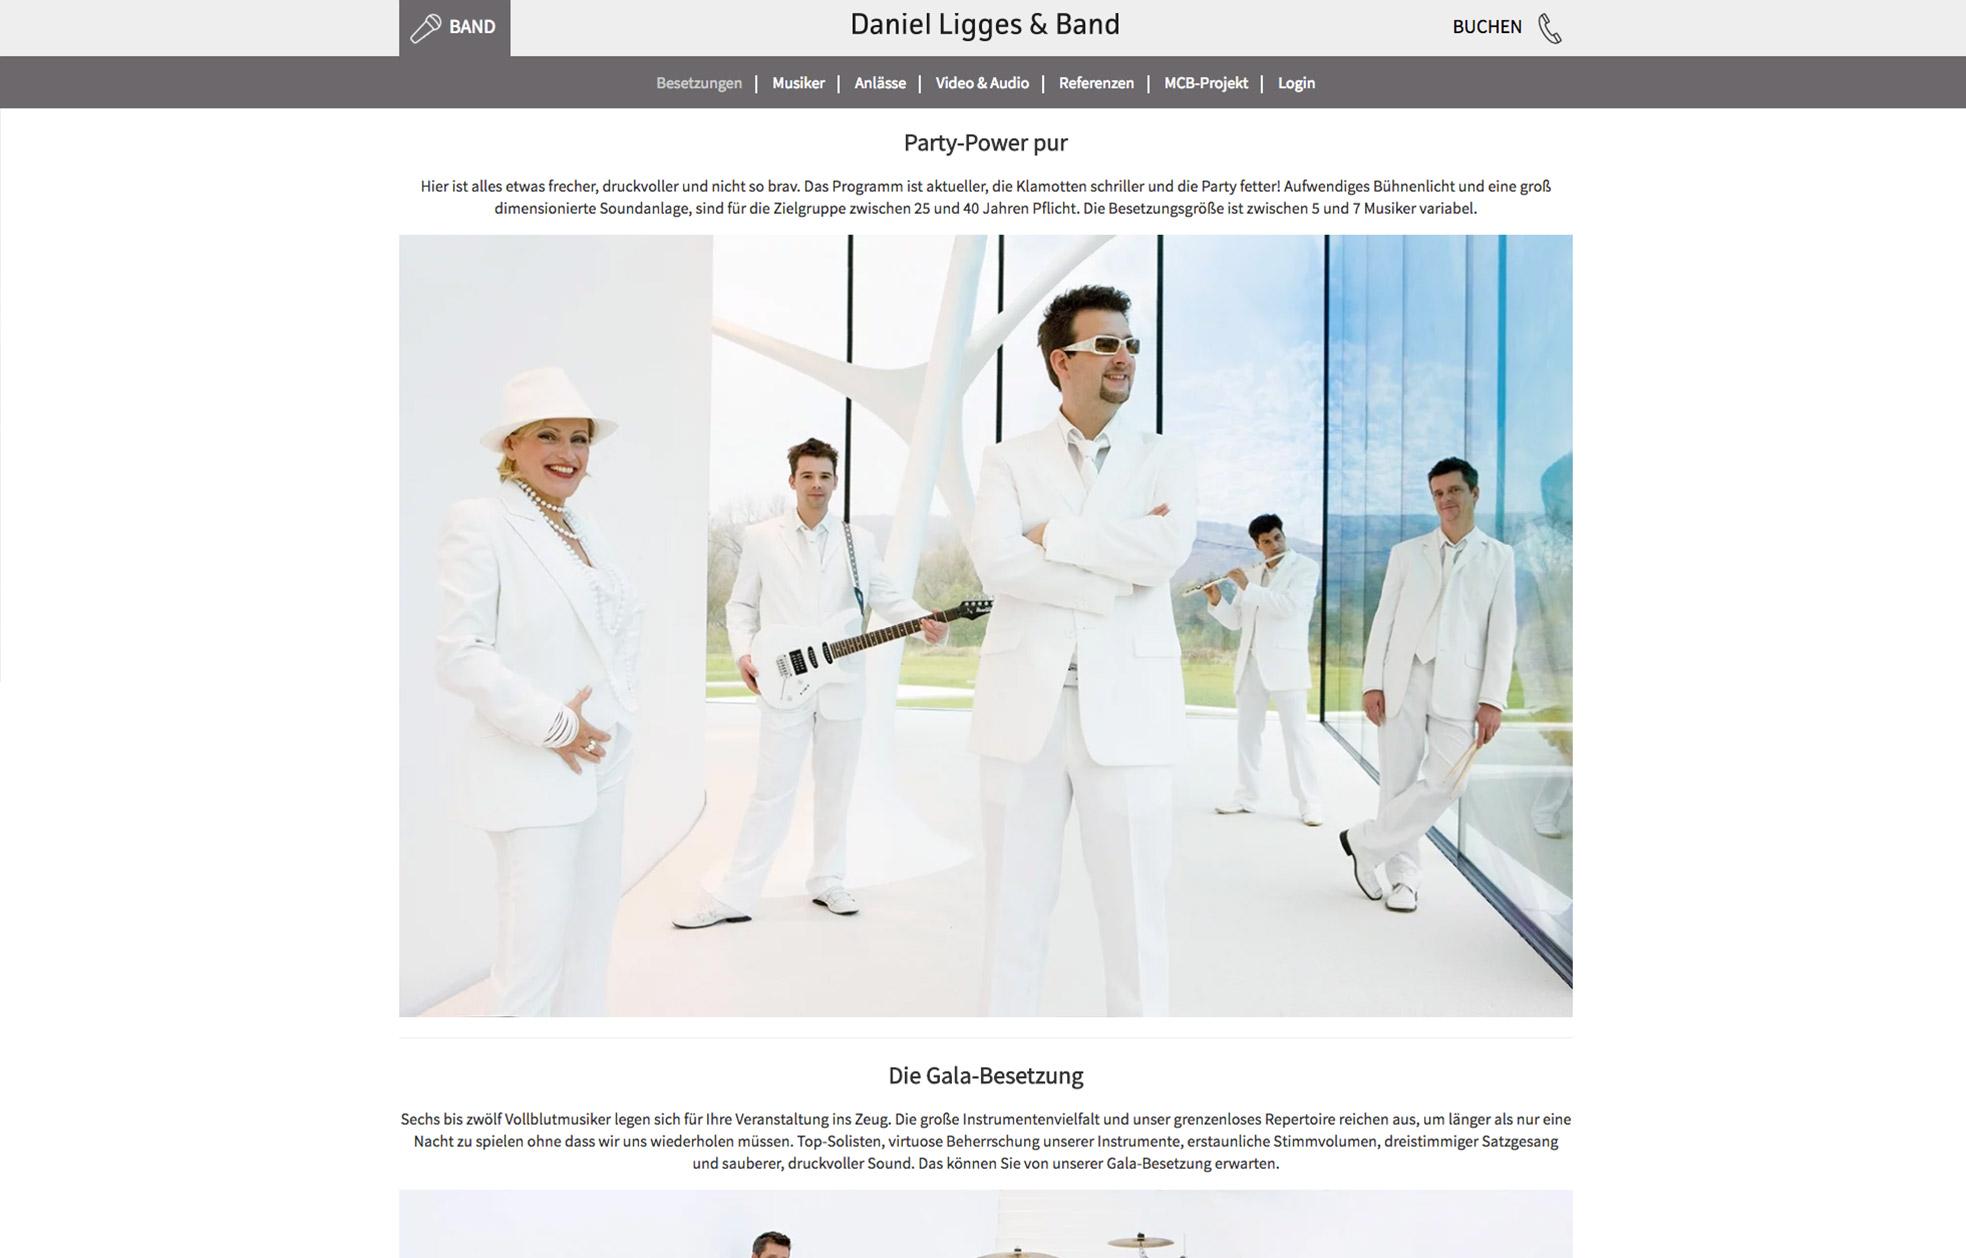 Daniel Ligges & Band – Unternehmenswebseite